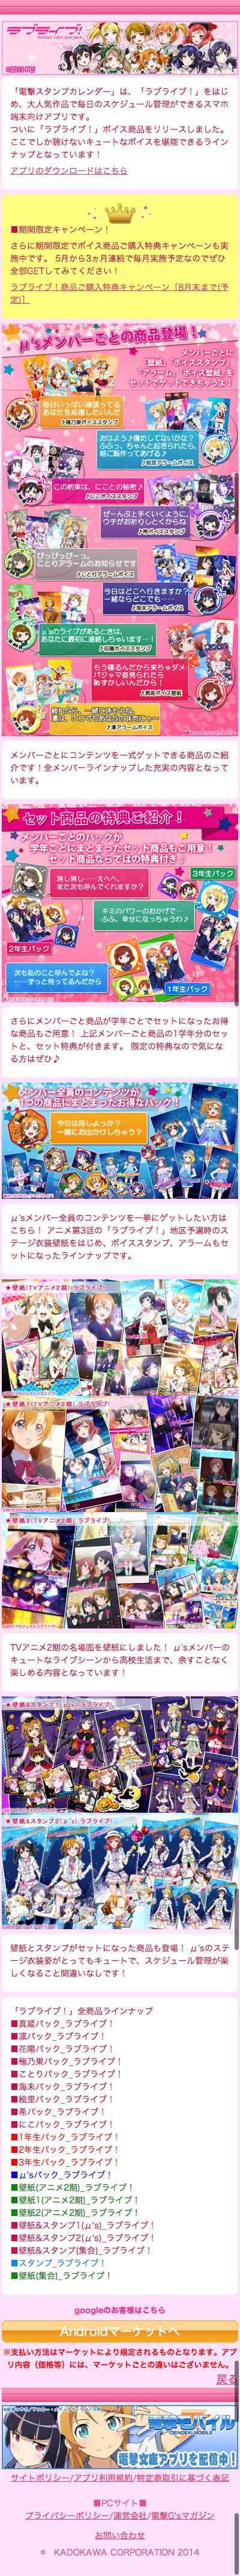 電撃G sモバイル For Android